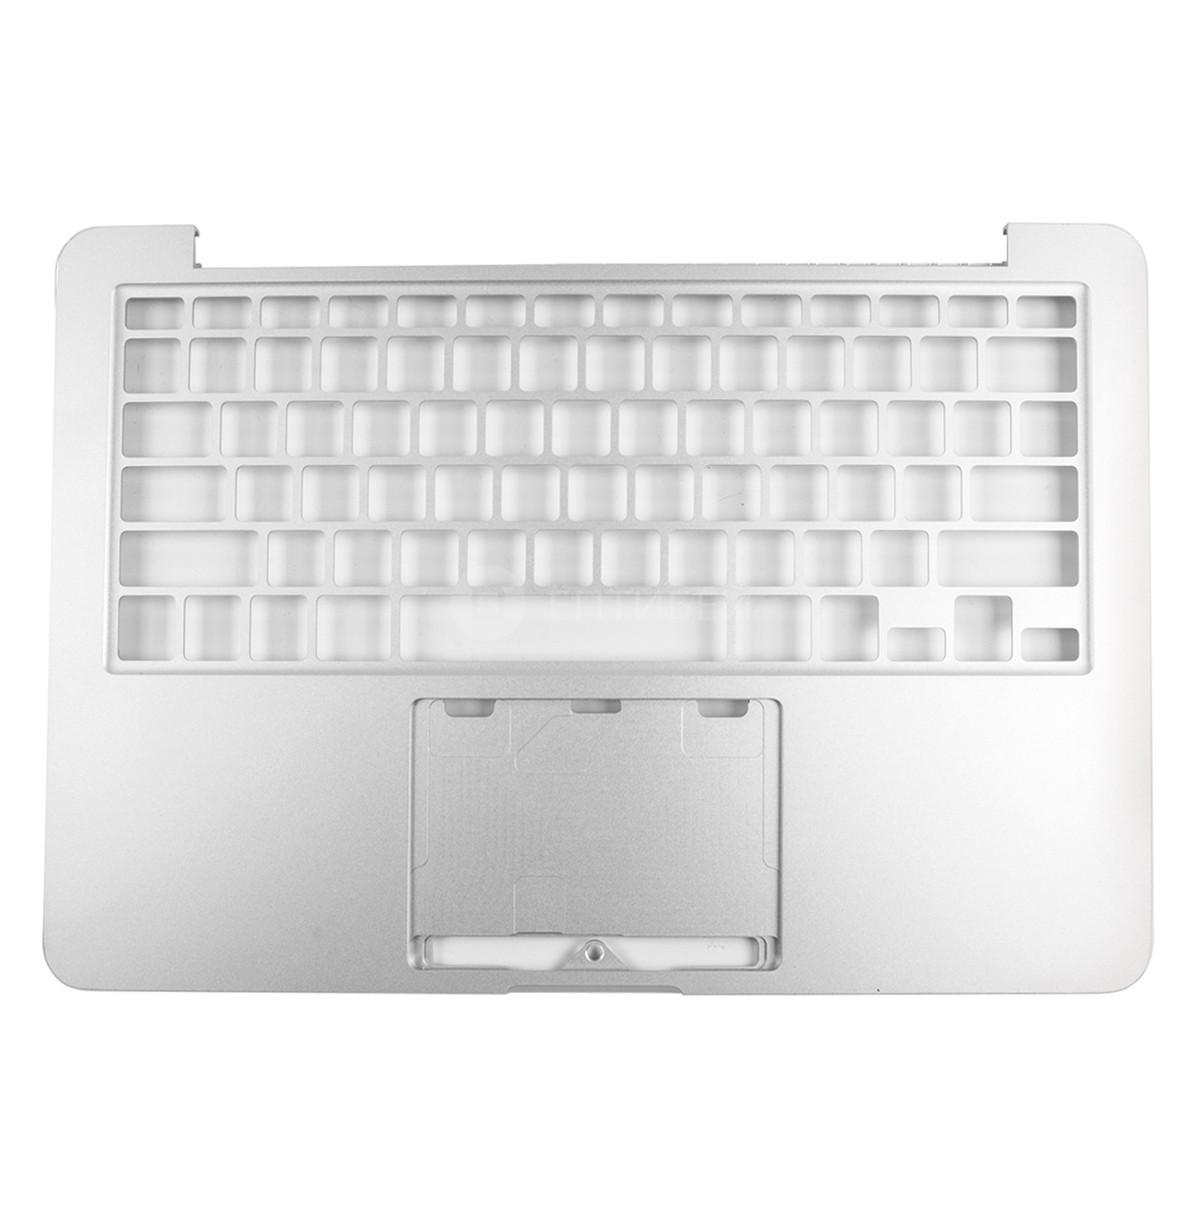 Оригинальный топкейс MacBook Pro Retina 13″ 2012 A1425